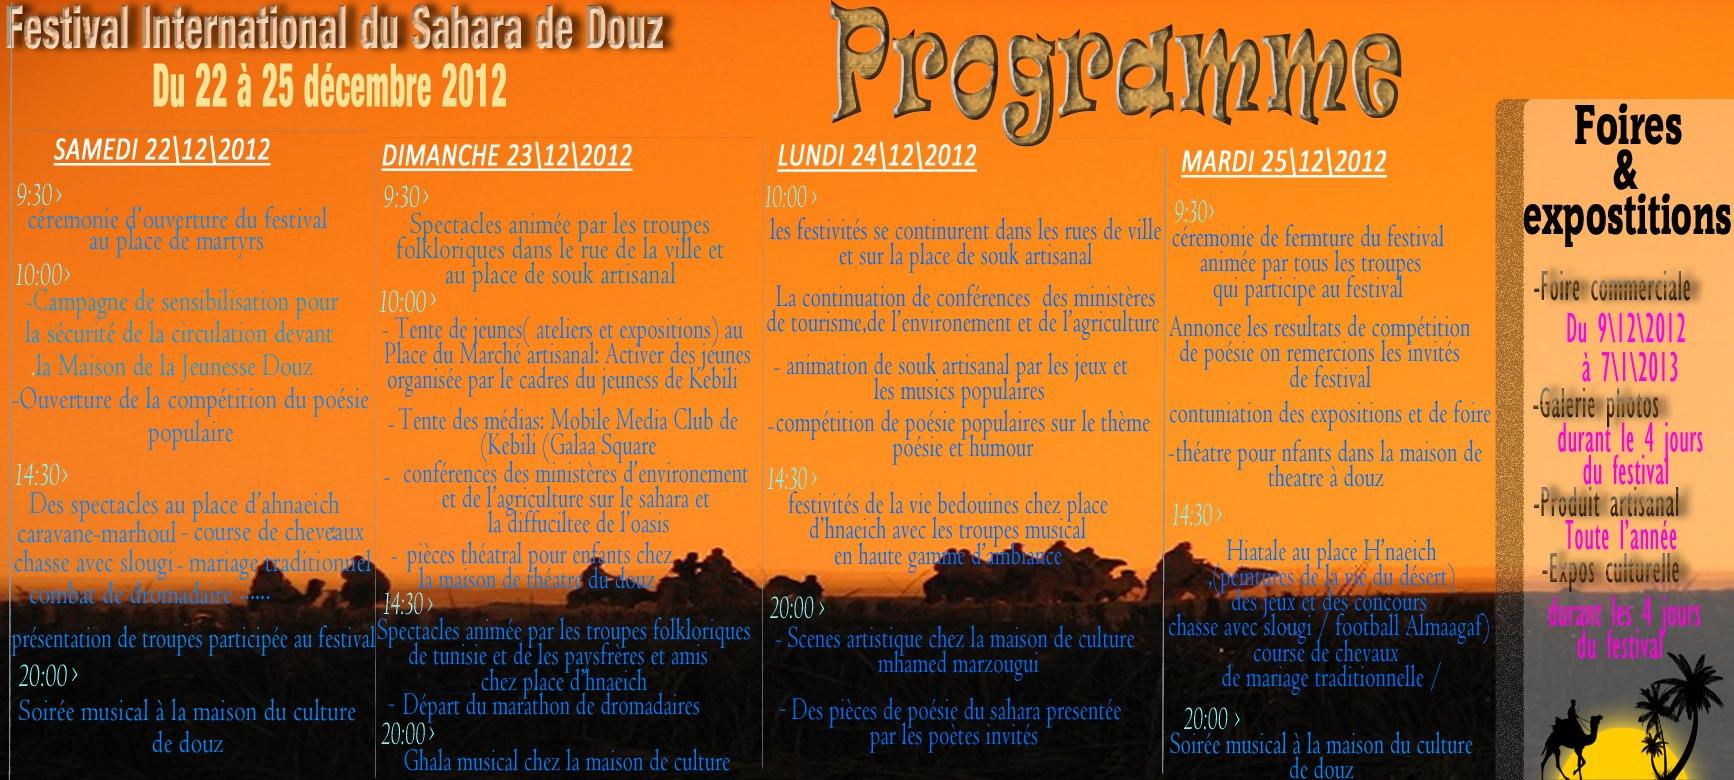 programme du festival de douz 2012